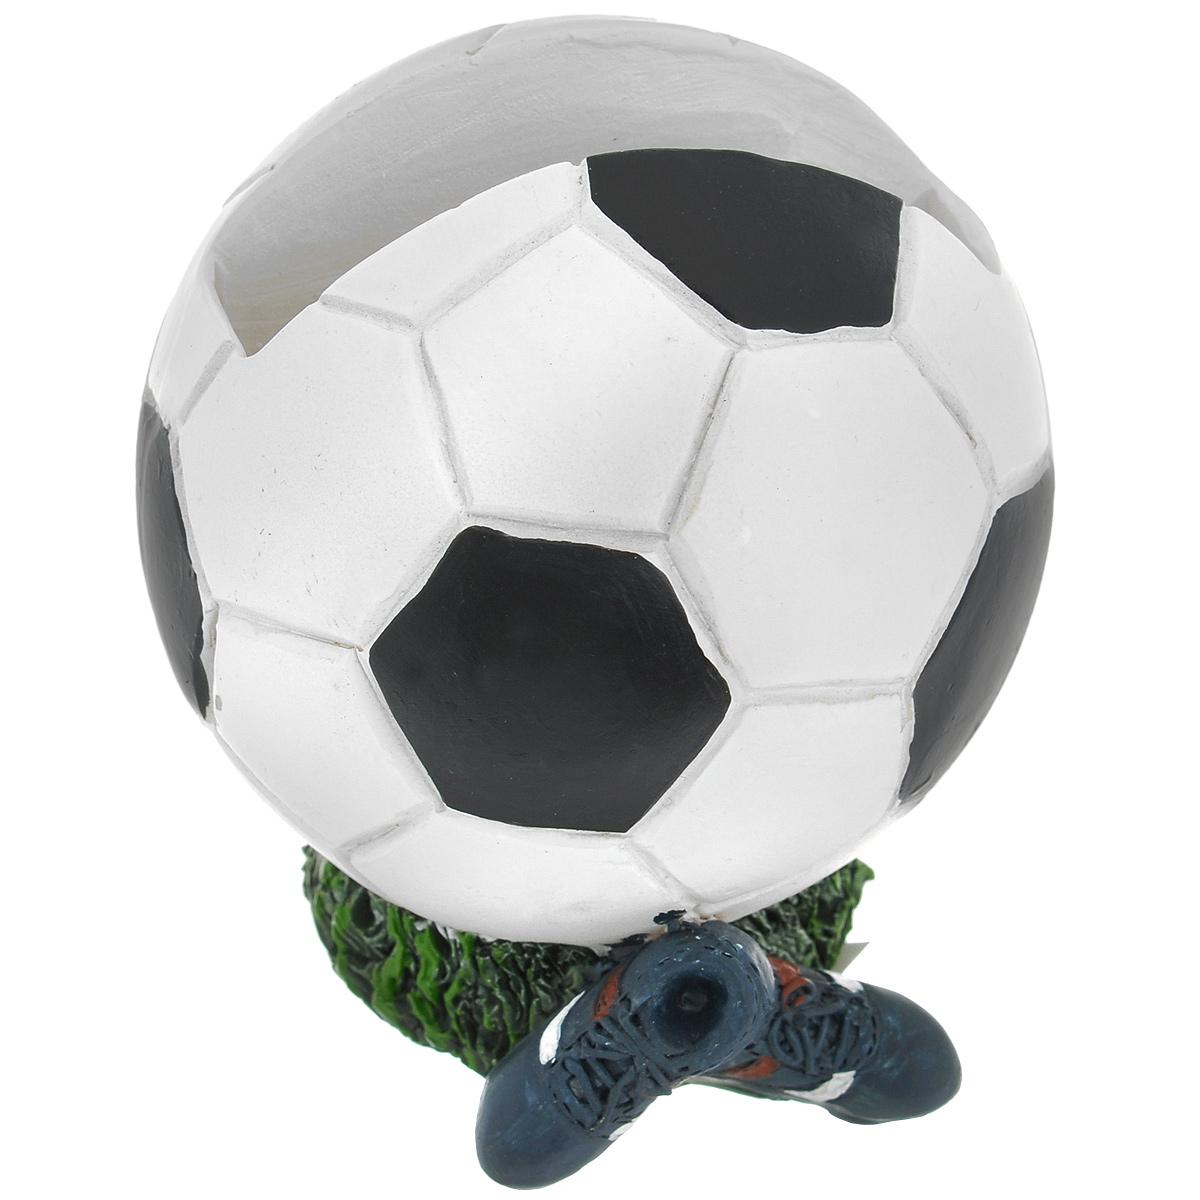 Подставка для мобильного телефона Футбол. 2893428934Подставка для мобильного телефона Футбол выполнена из пластмассы в виде футбольного мяча.Яркая оригинальная подставка прекрасно подойдет для безопасного хранения мобильного телефона. С ней ваш телефон всегда будет на виду.